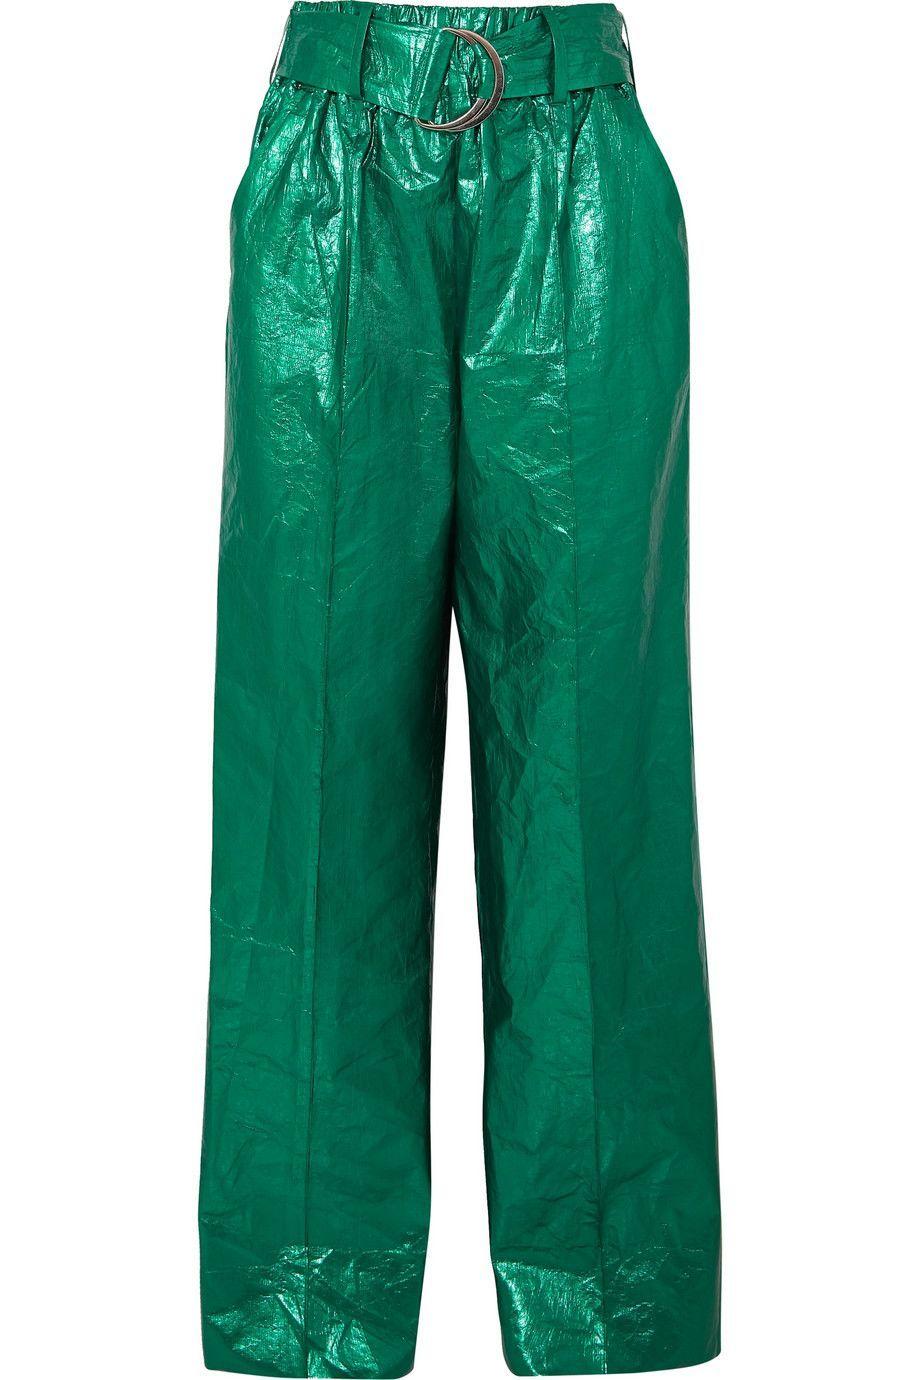 #PopbelaOOTD: Tampil Mencuri Perhatian Lewat Celana Kece Ini